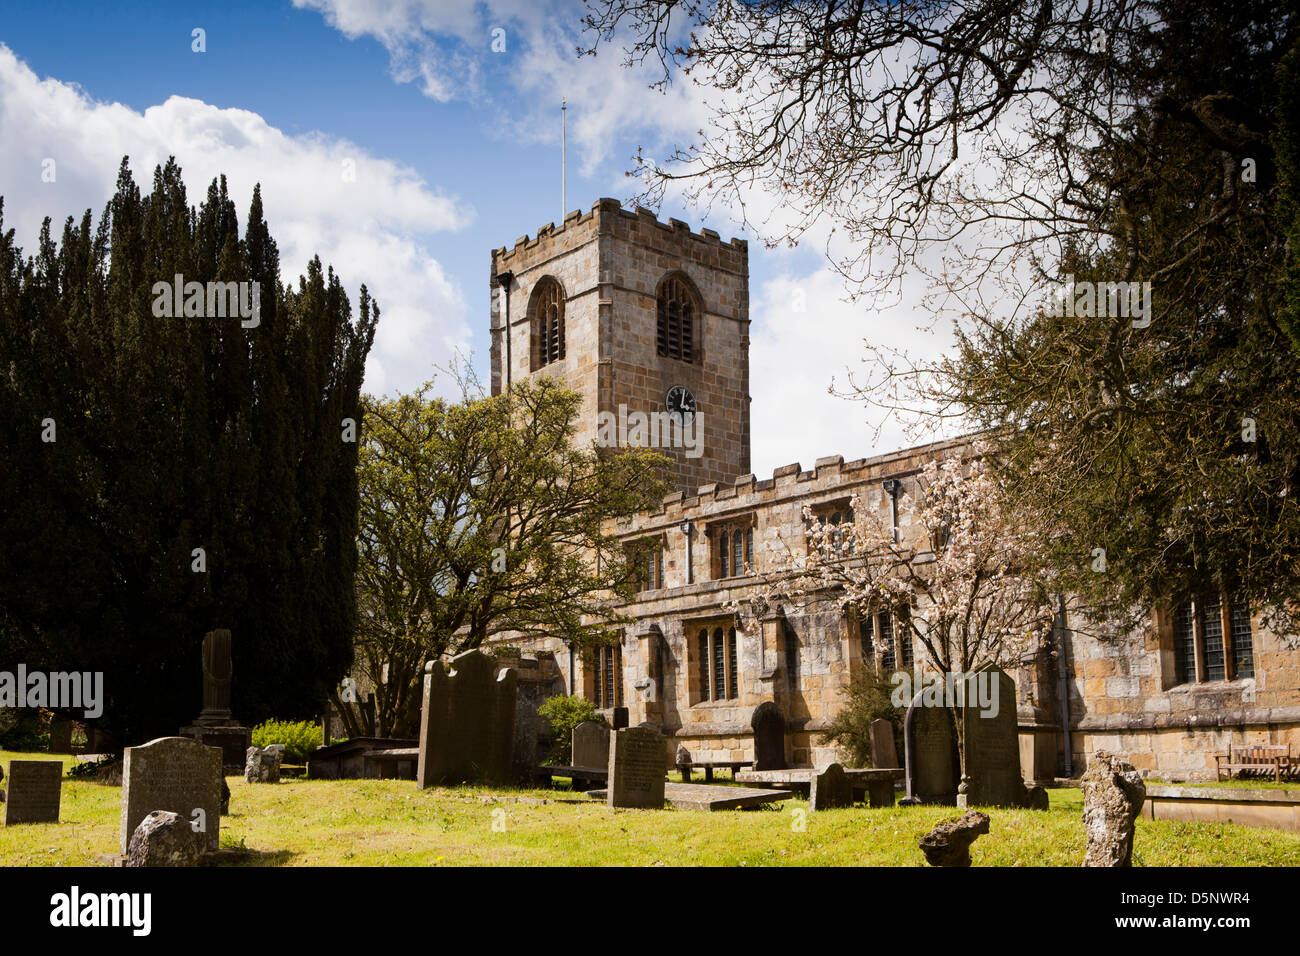 UK, England, Yorkshire, Kirkby Malham, St Bartholomew's Church - Stock Image